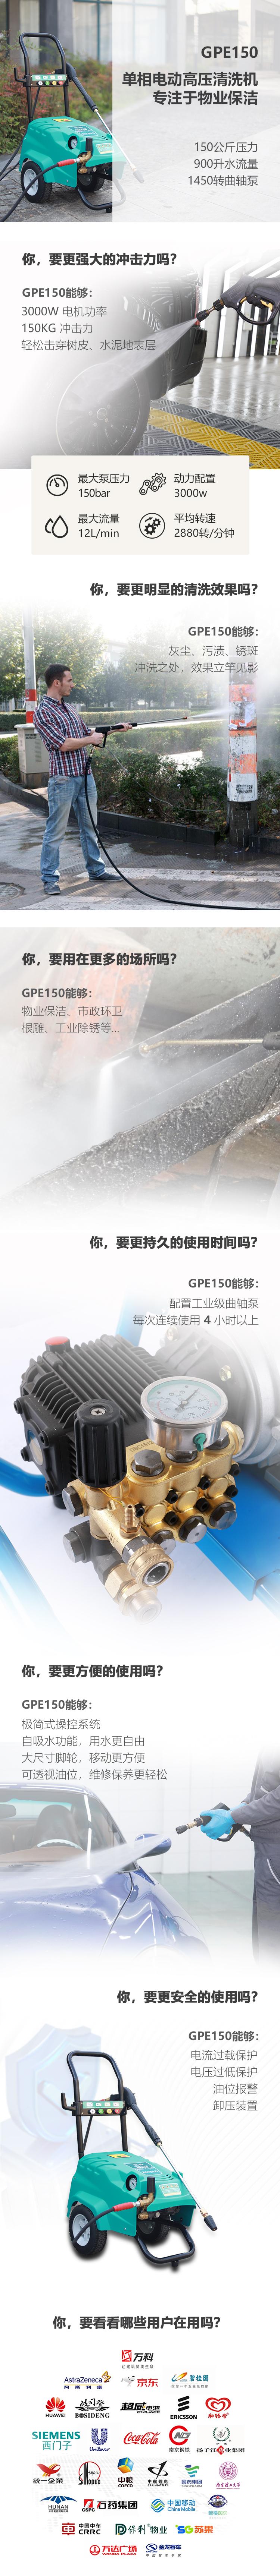 新-GPE150详情页(大字版本)_01